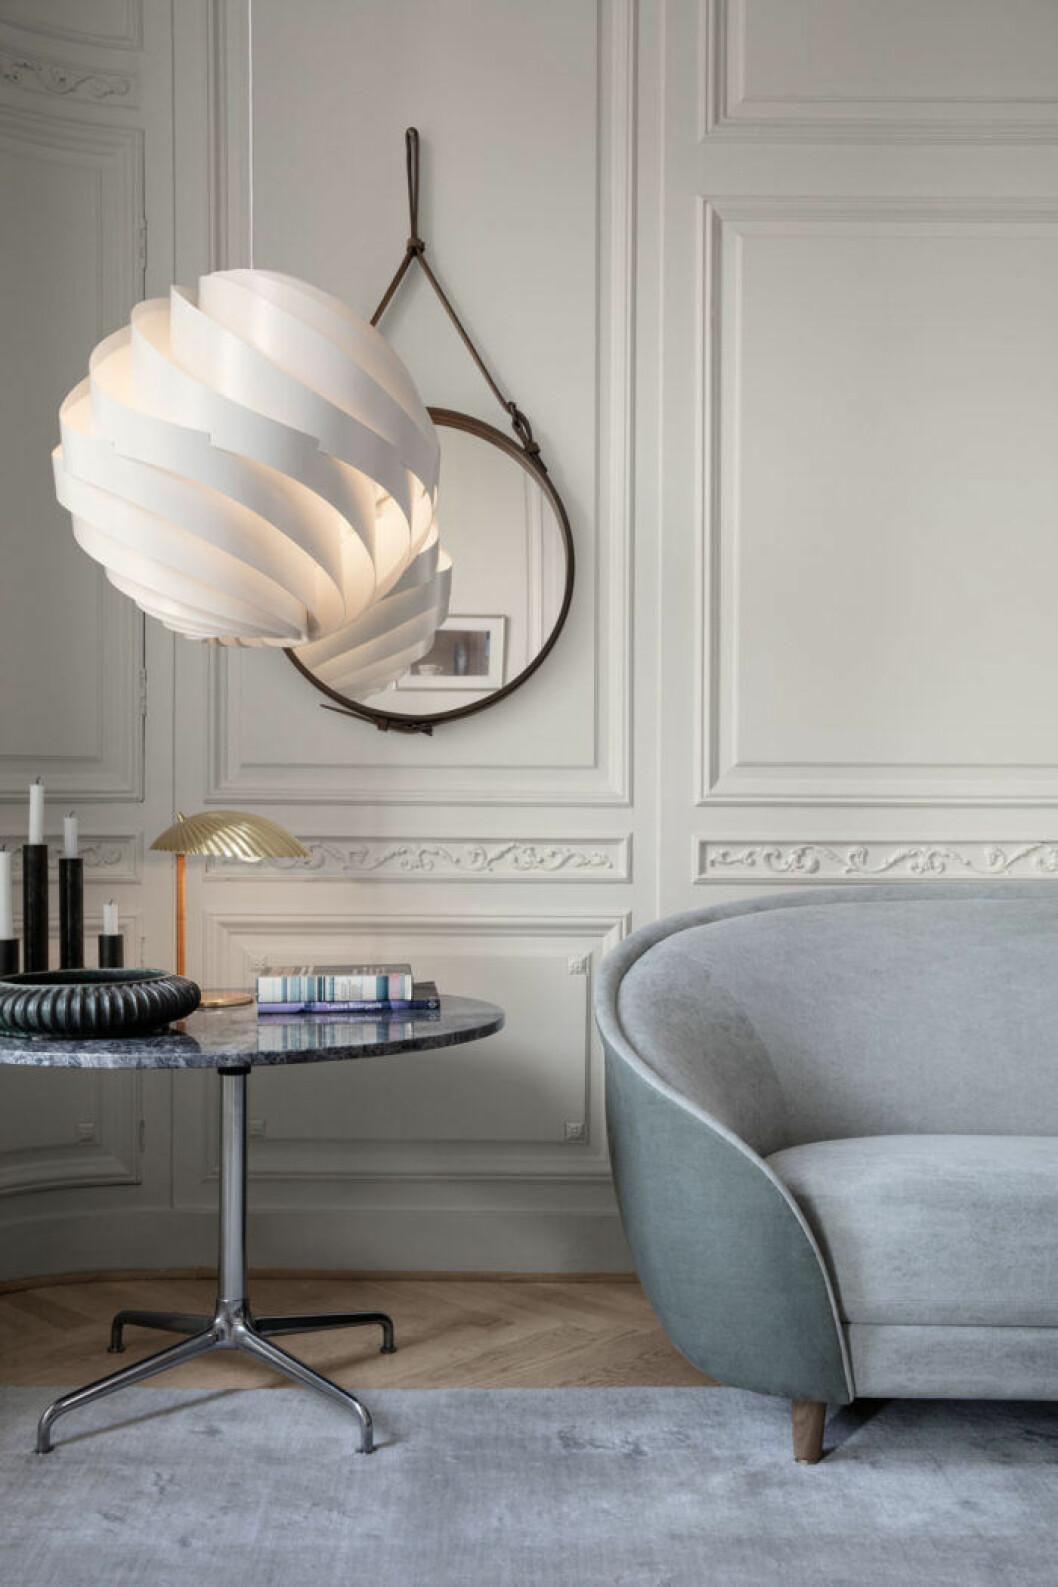 Lampor med snäckformer är en trend att kika efter även second hand.